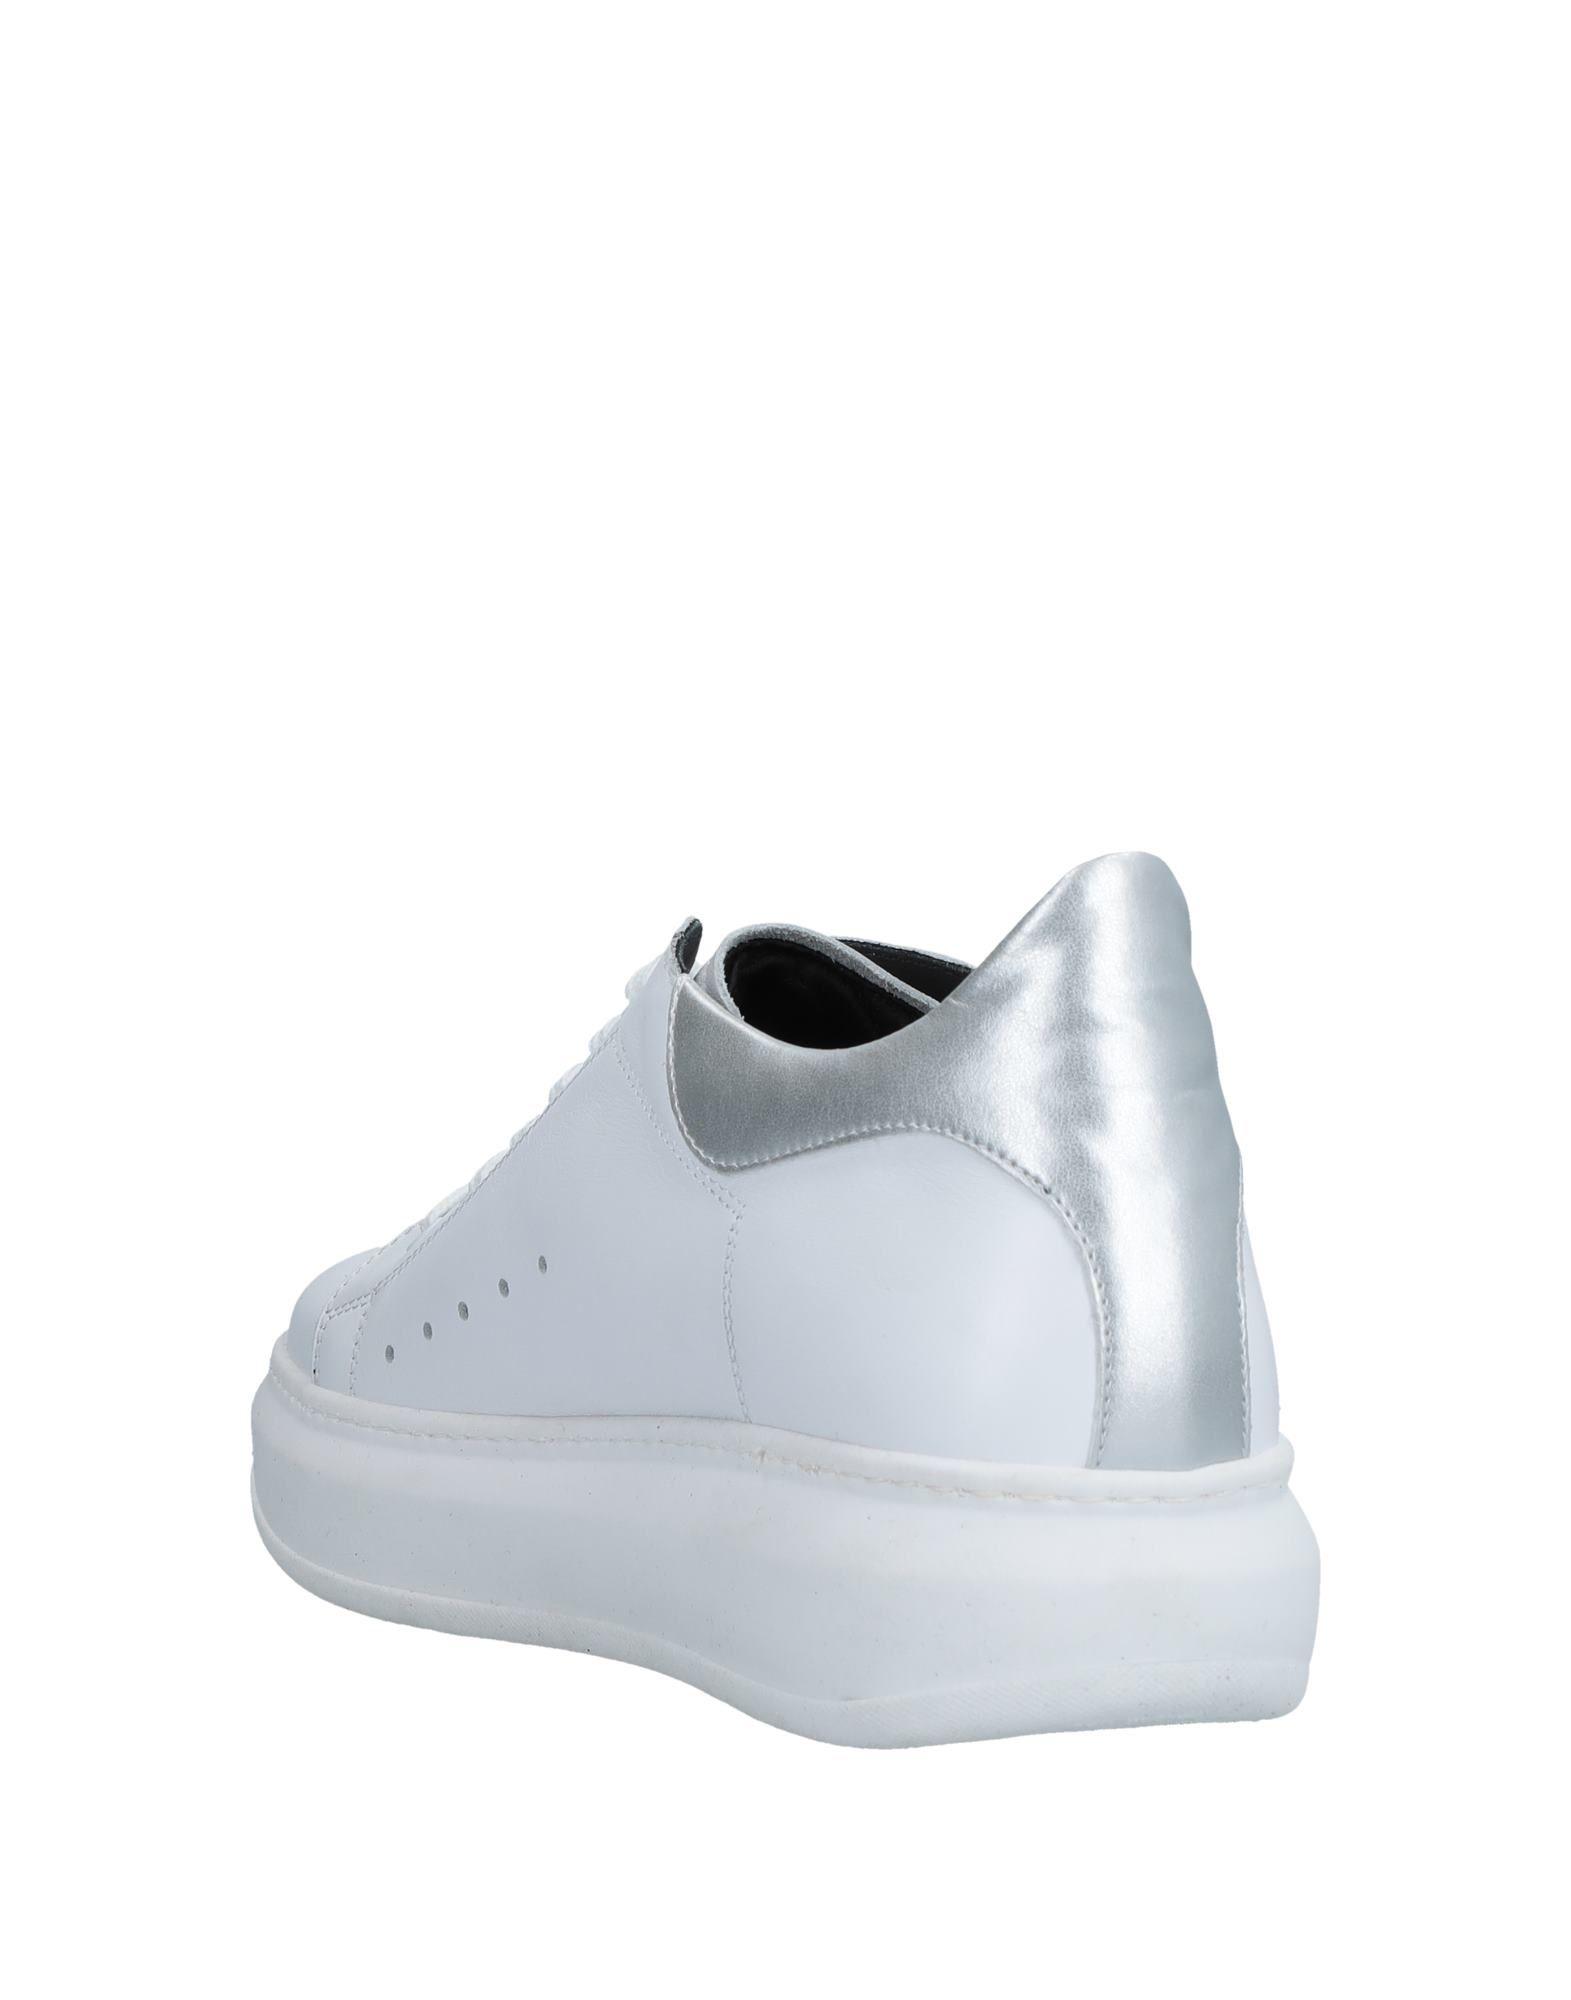 Bottega 11542300SJ Marchigiana Sneakers Herren  11542300SJ Bottega Neue Schuhe 9e516b